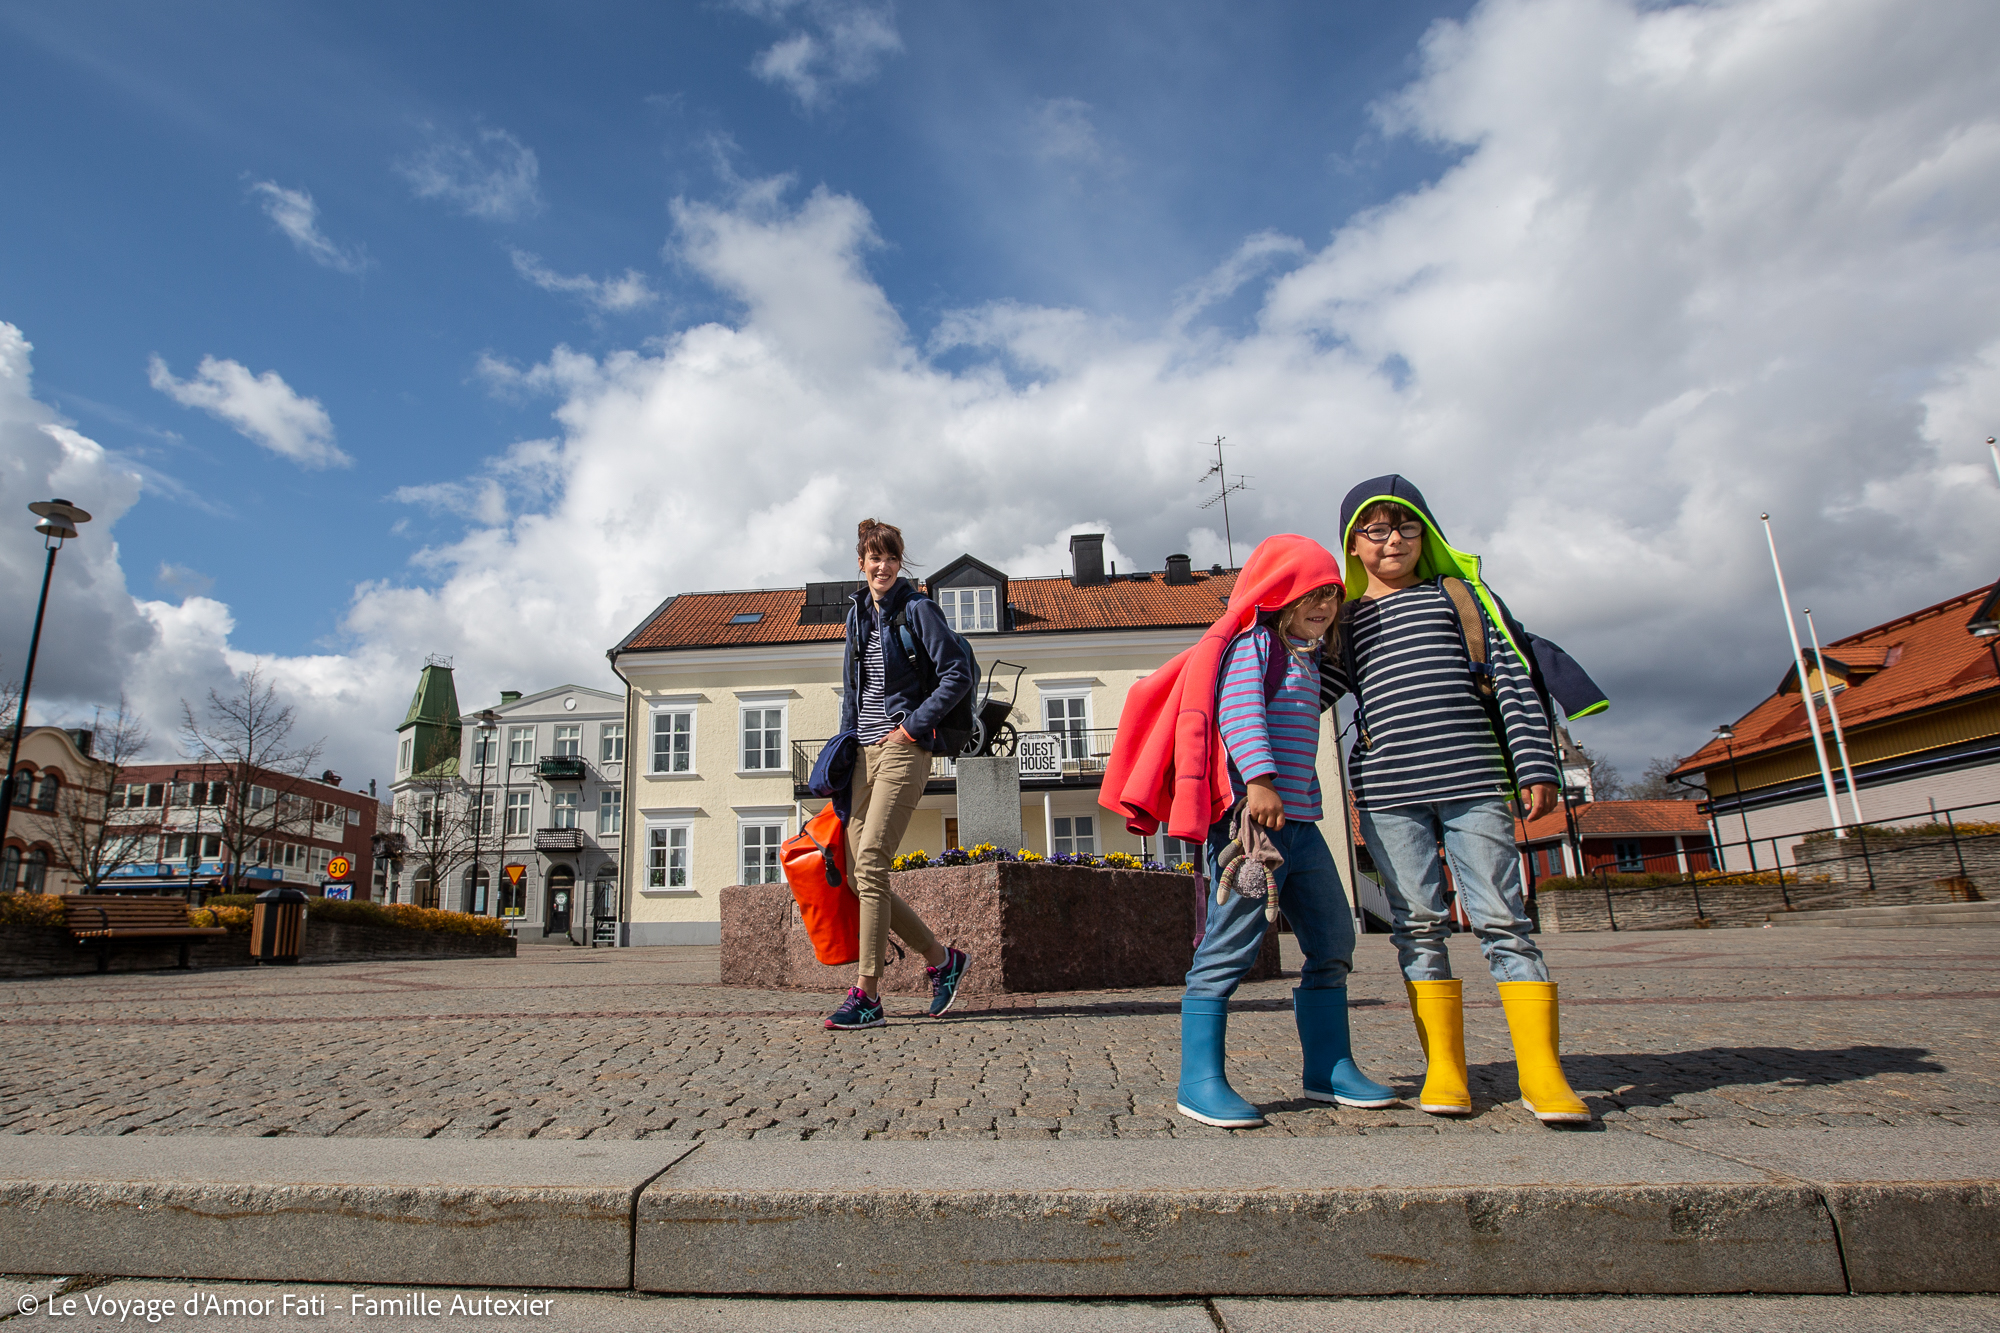 GuestHouse Västervik Suède Voyage Amor Fati Famille Autexier